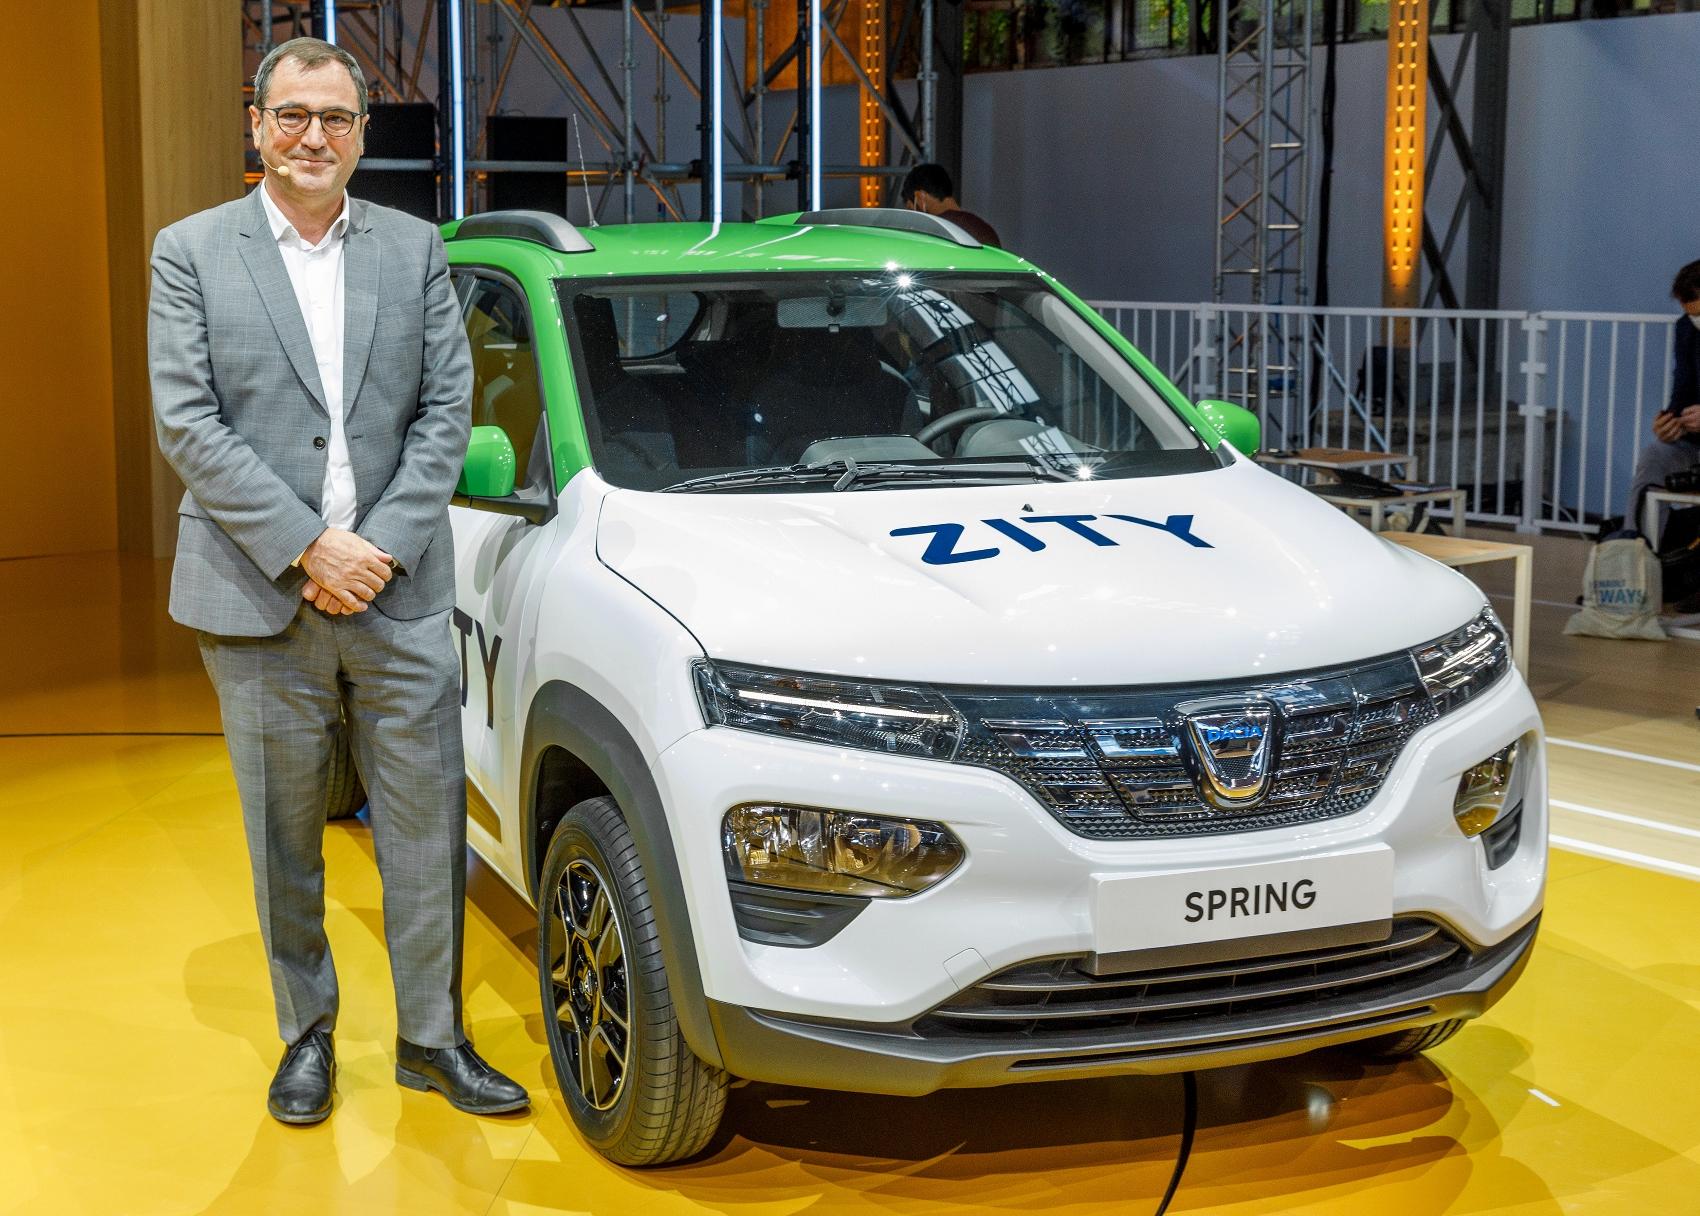 Nová elektrická Dacia Spring bude superlacná 1rsoLilALA 2020-renault-eways-press-conference-11-1700x